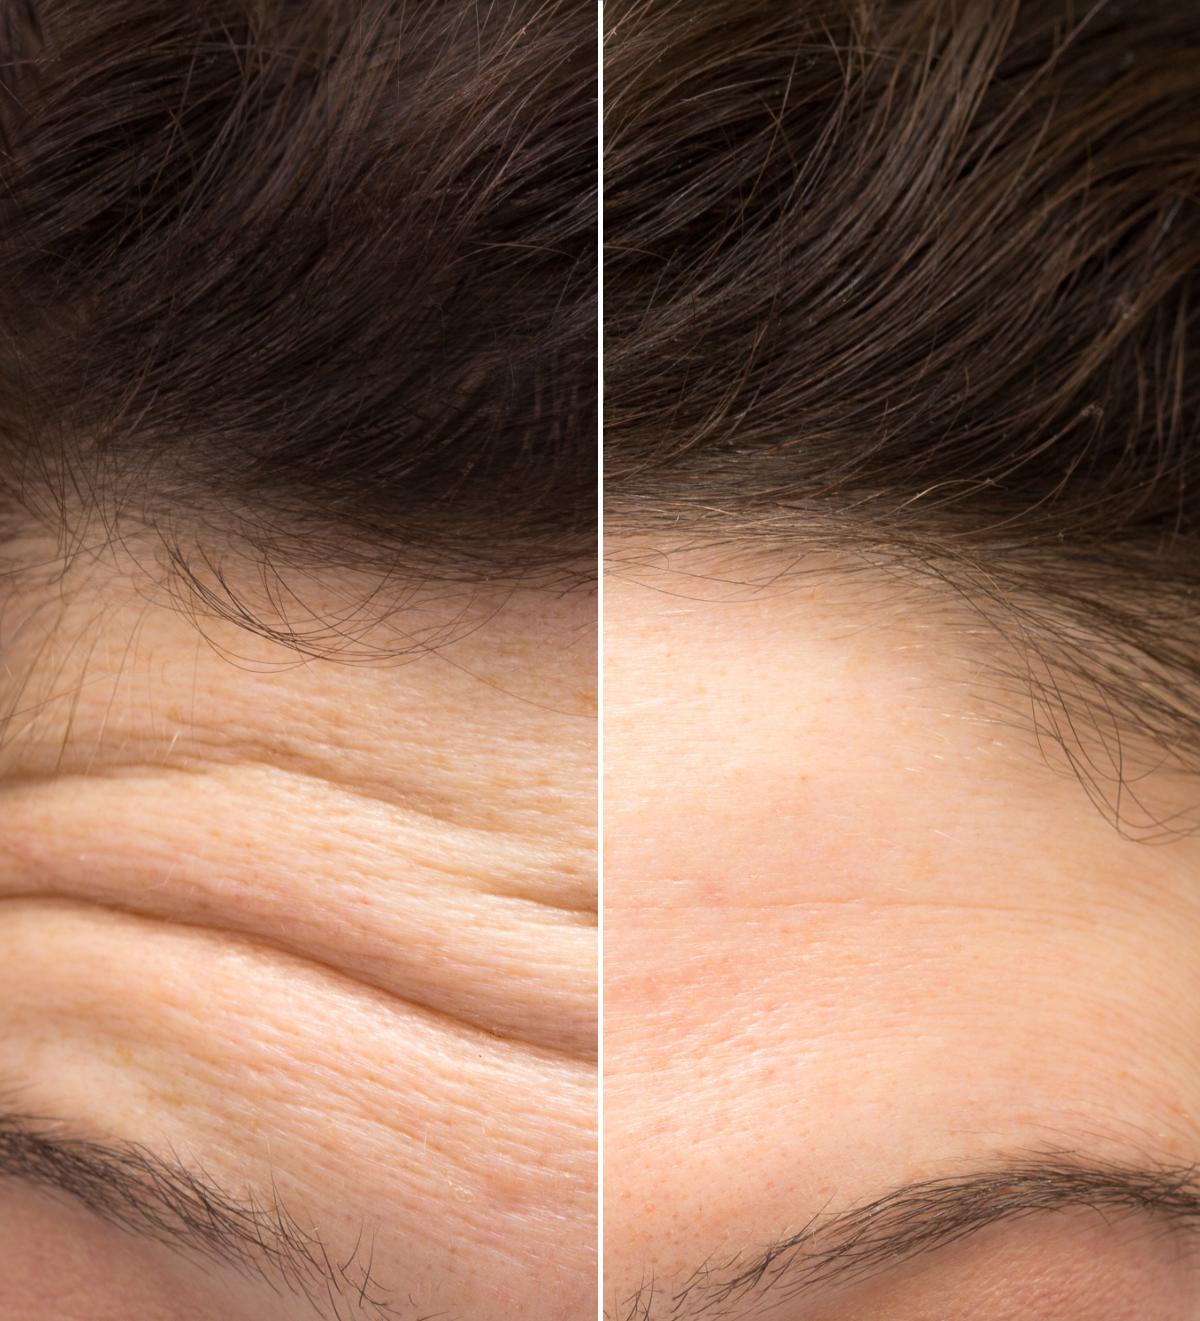 Stirnfalten entfernen Duisburg Botox hyaluron faltenbehandlung mn aesthetik Hyaluronsäure Korschenbroich Viersen Willich Wegberg Kaarst Tönisvorst